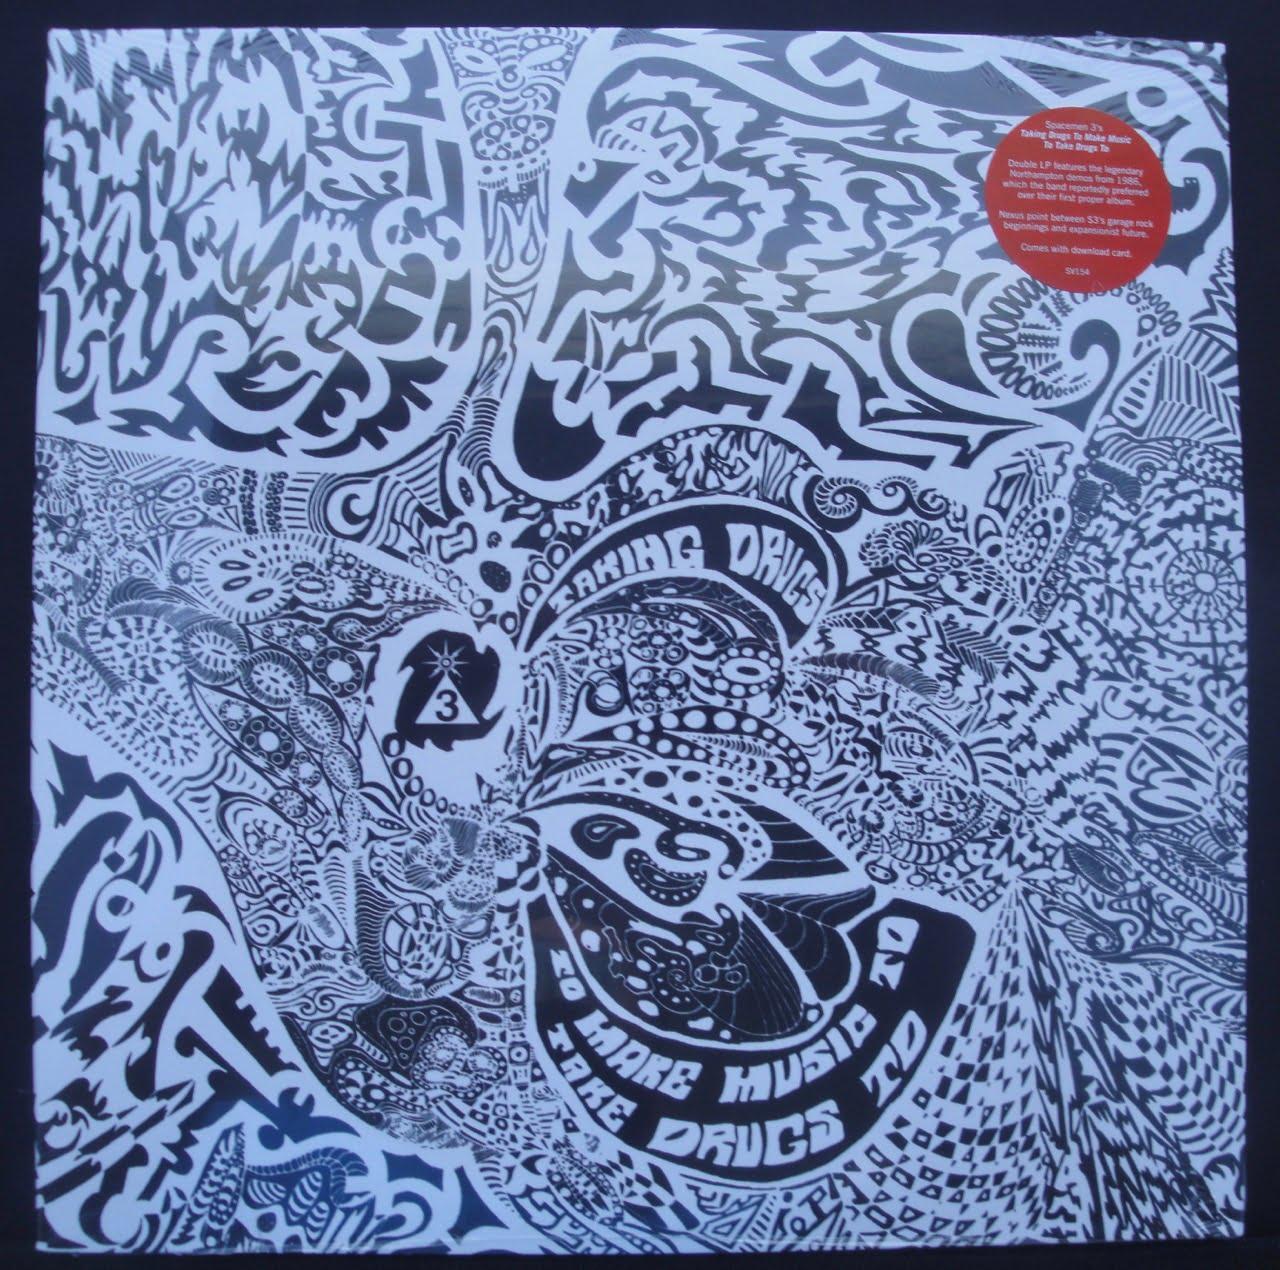 Spacemen 3 Double Vinyl